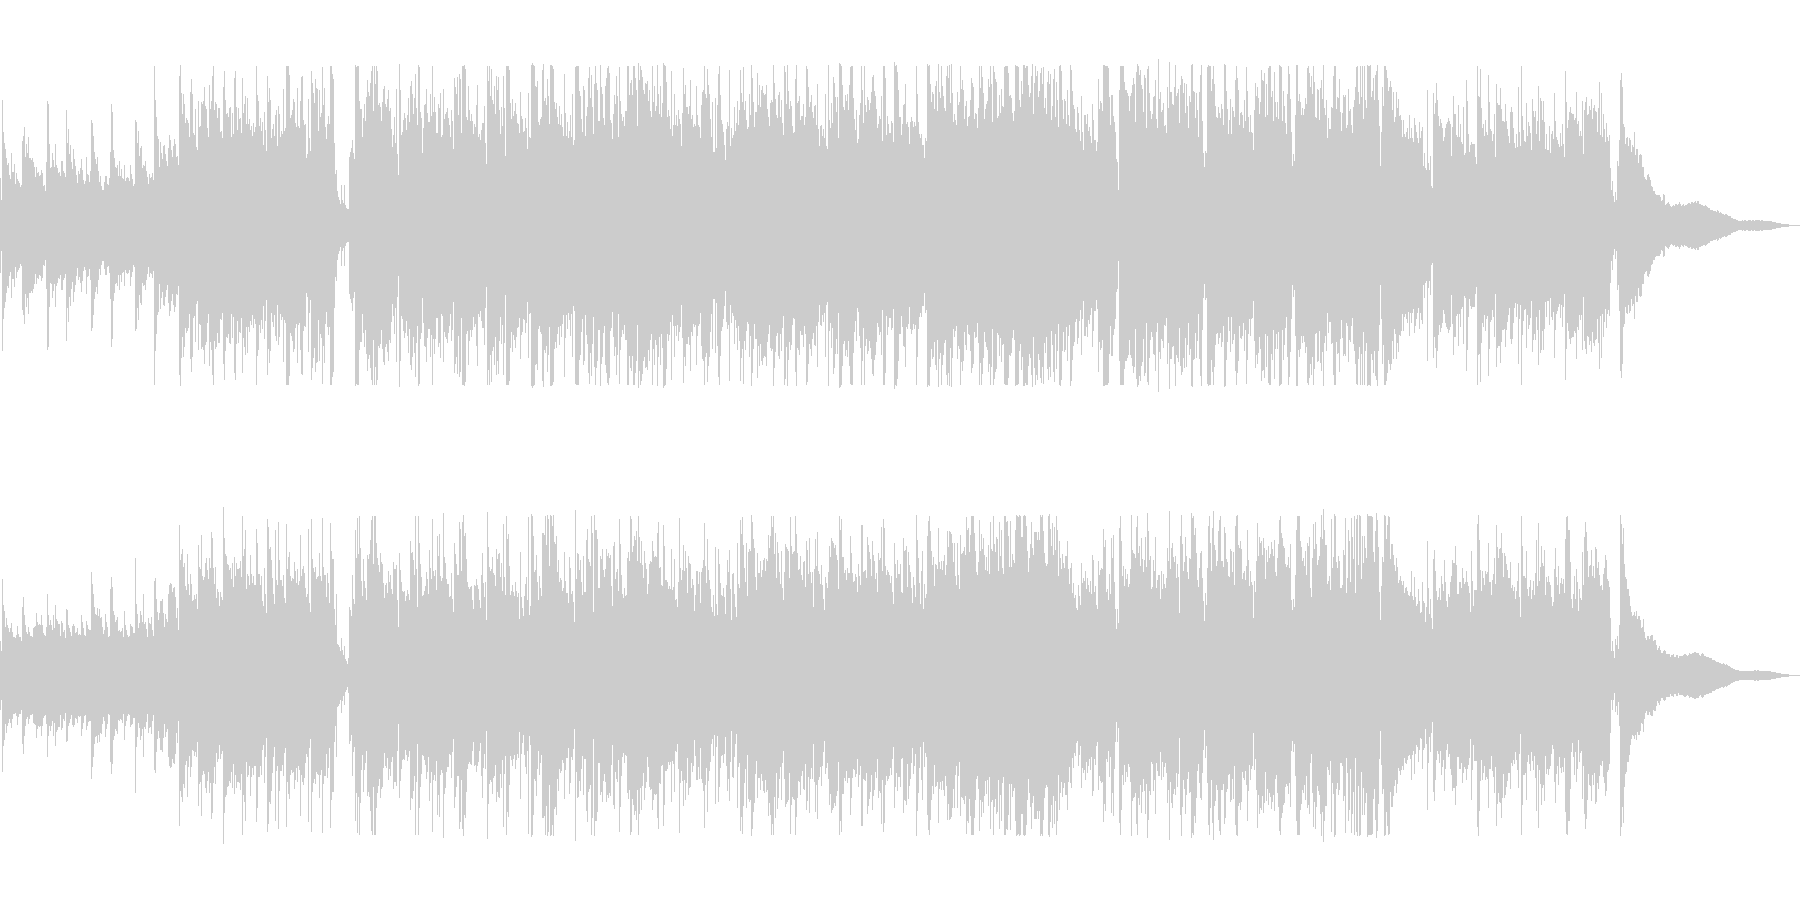 究極のホリデーミュージックの未再生の波形